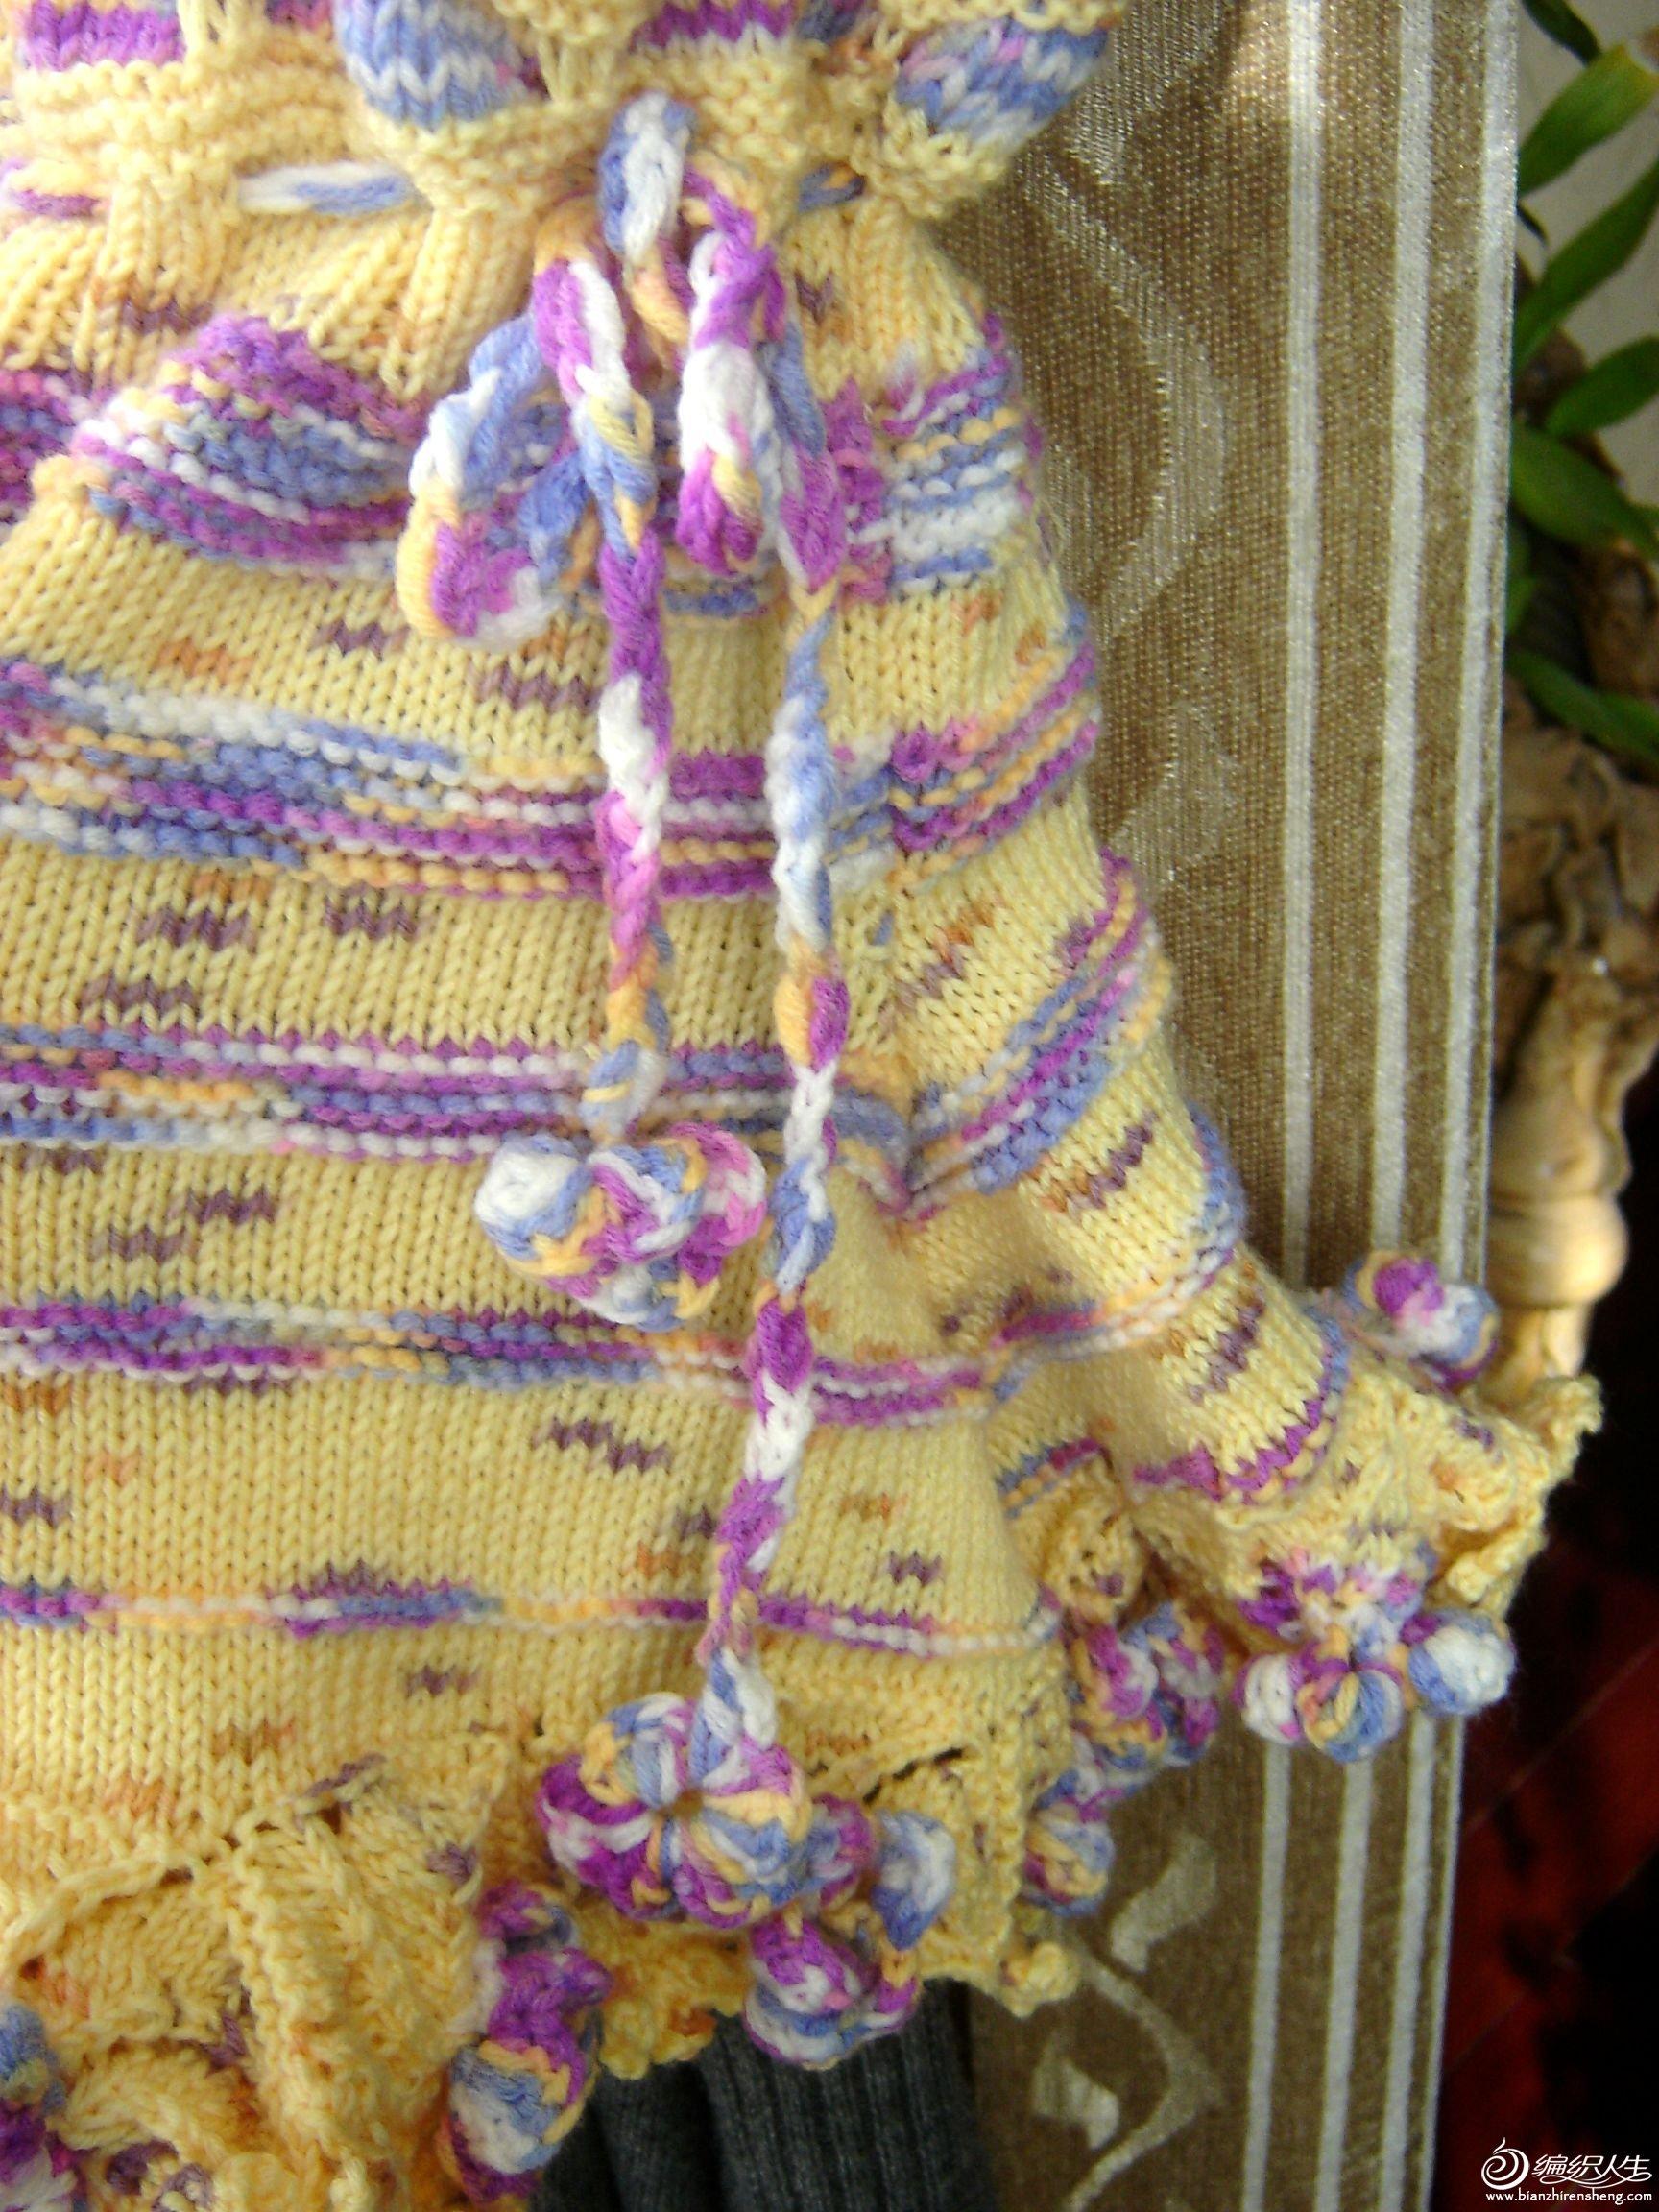 衣服腰间有一个带子,衣服下方织了一圈螺旋花,螺旋花的中间钩了一个小花,很是漂亮啊,我觉得这是这个衣服 ...